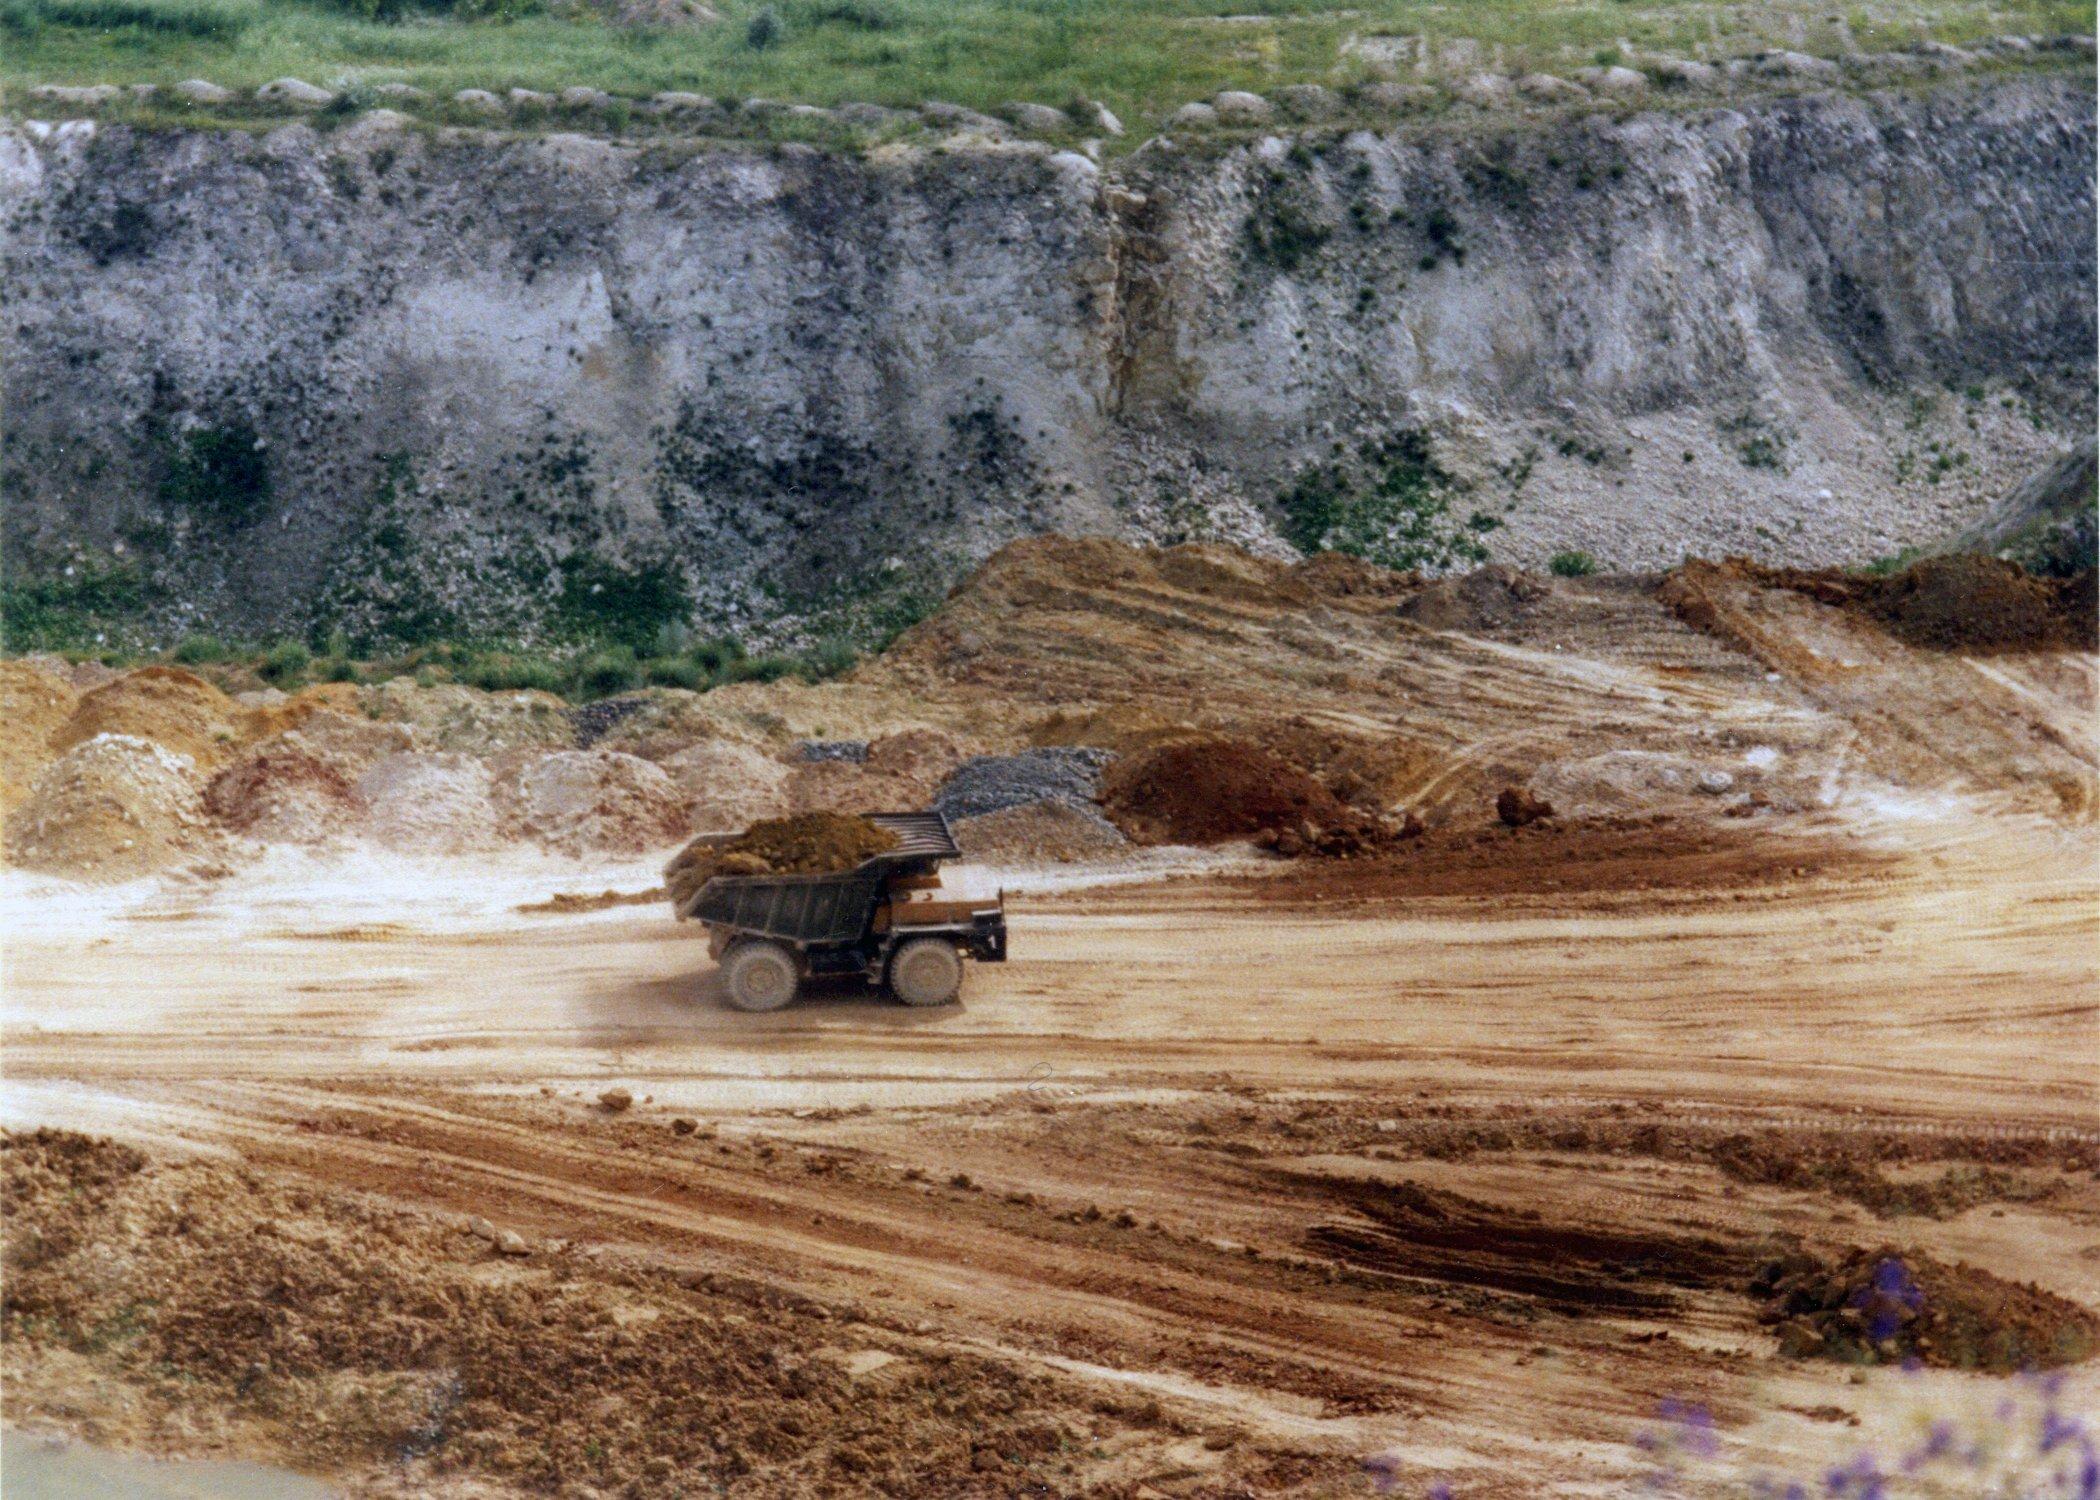 Добыча глины: где и как происходит, как получить лицензию?